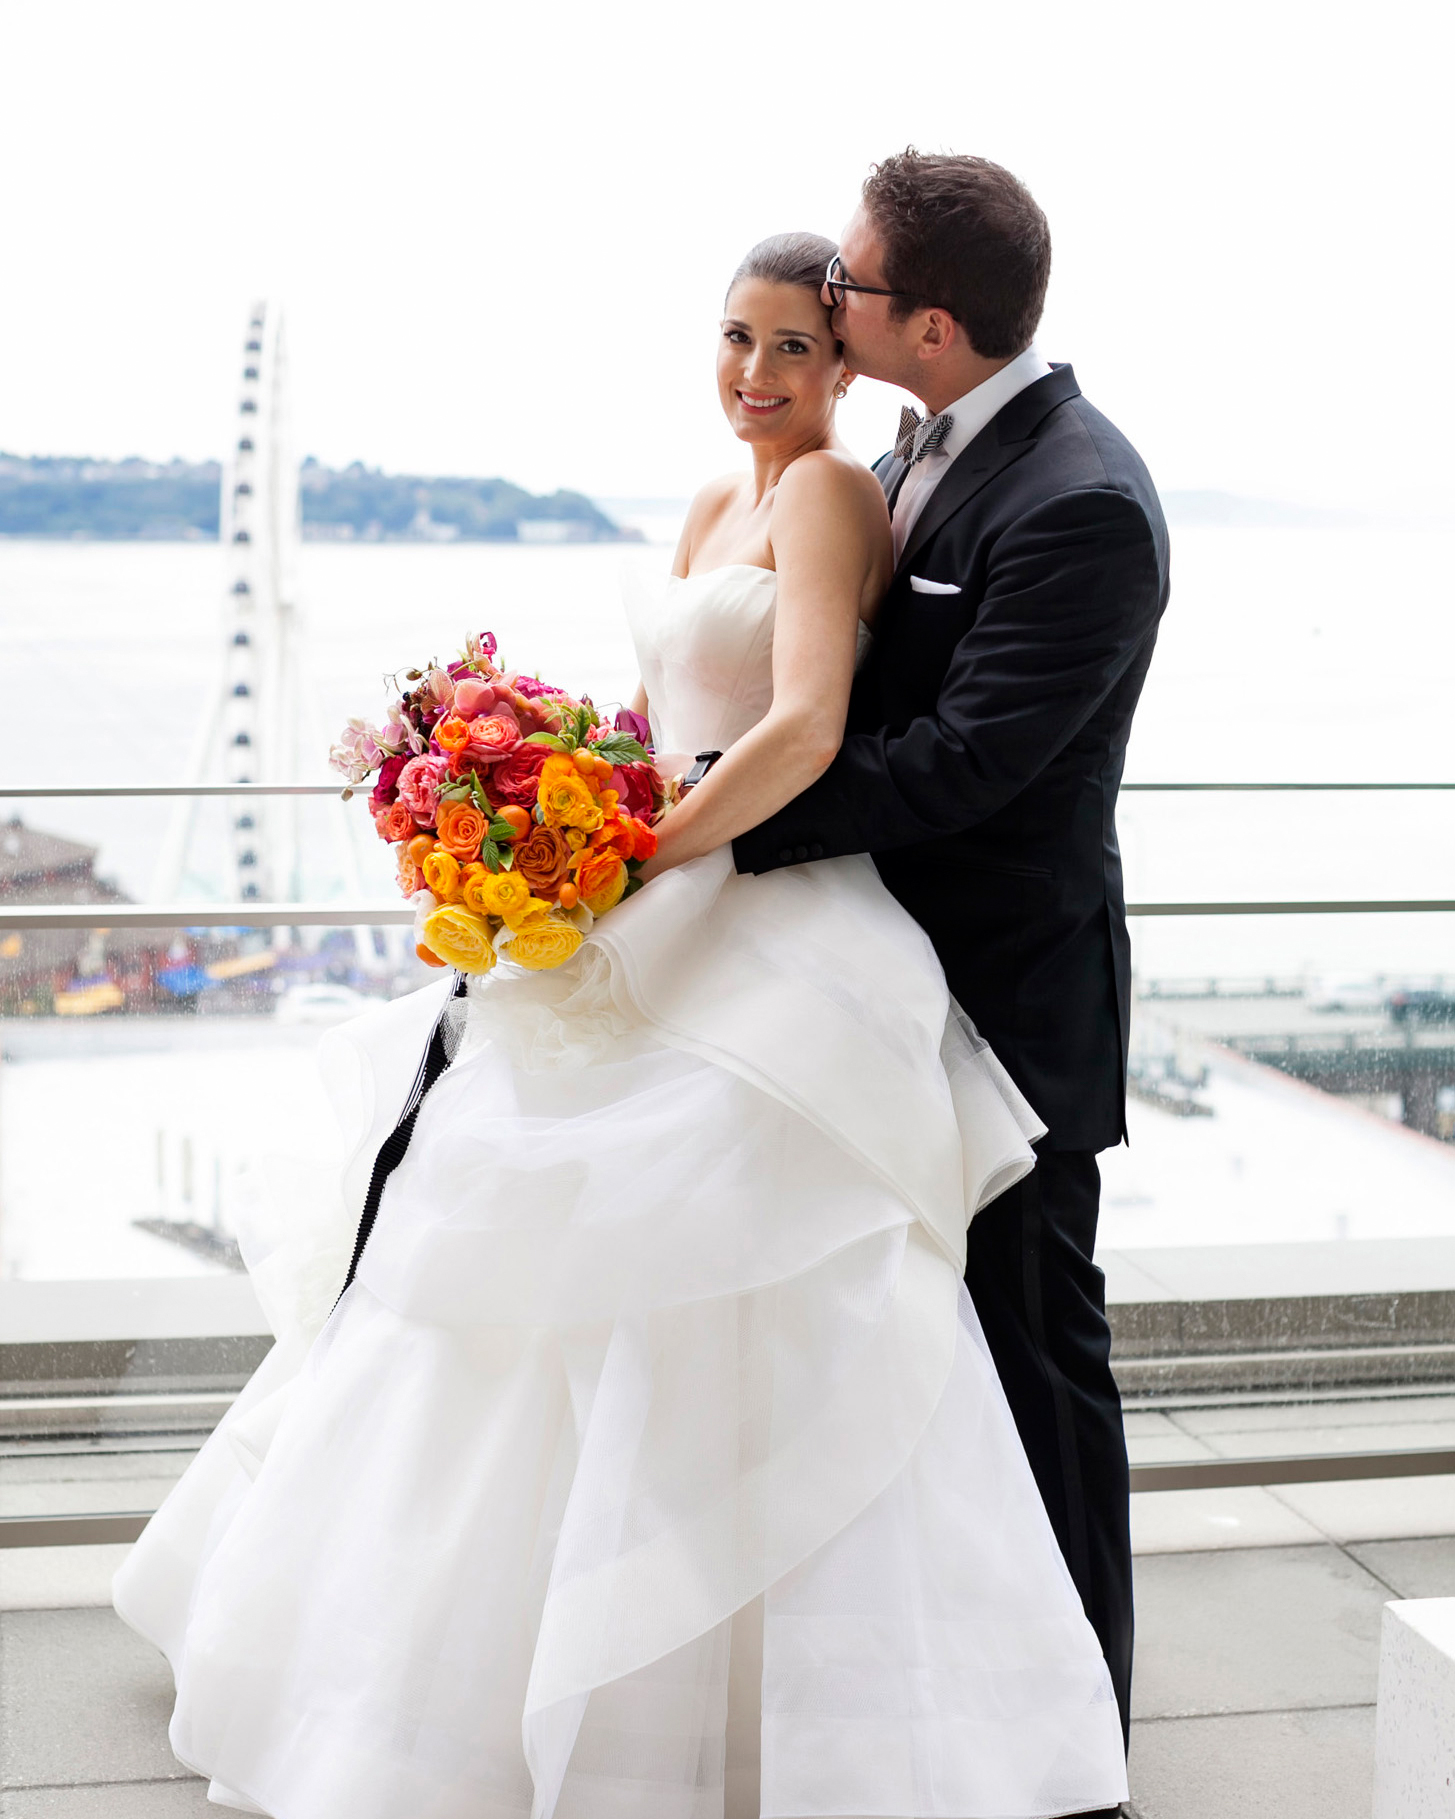 hanna-bret-bride-groom-ss0257-s111676.jpg